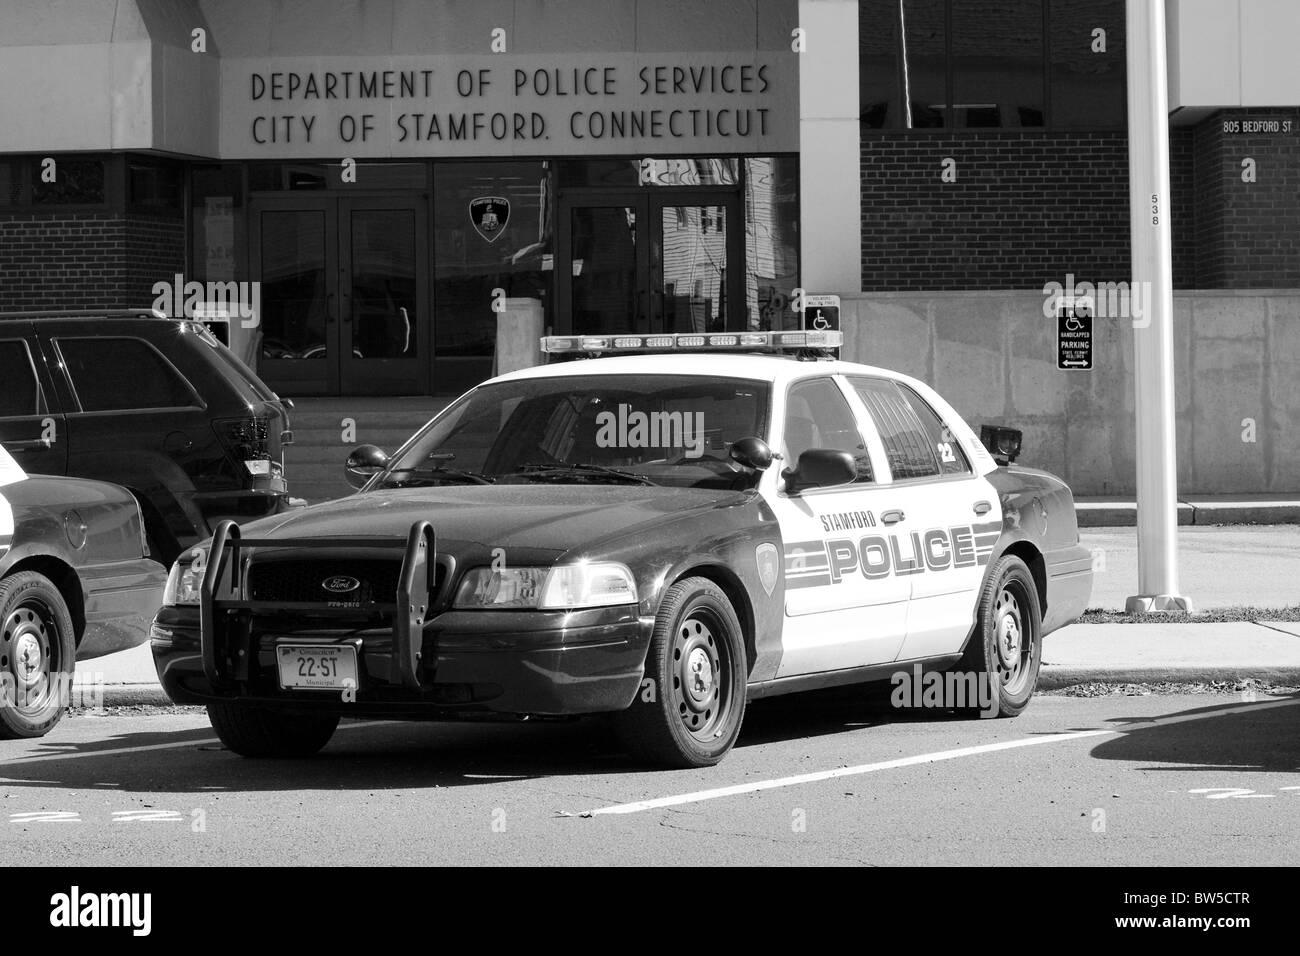 schwarzweiss-polizeiwagenbild-nackte-brueste-weibliche-pov